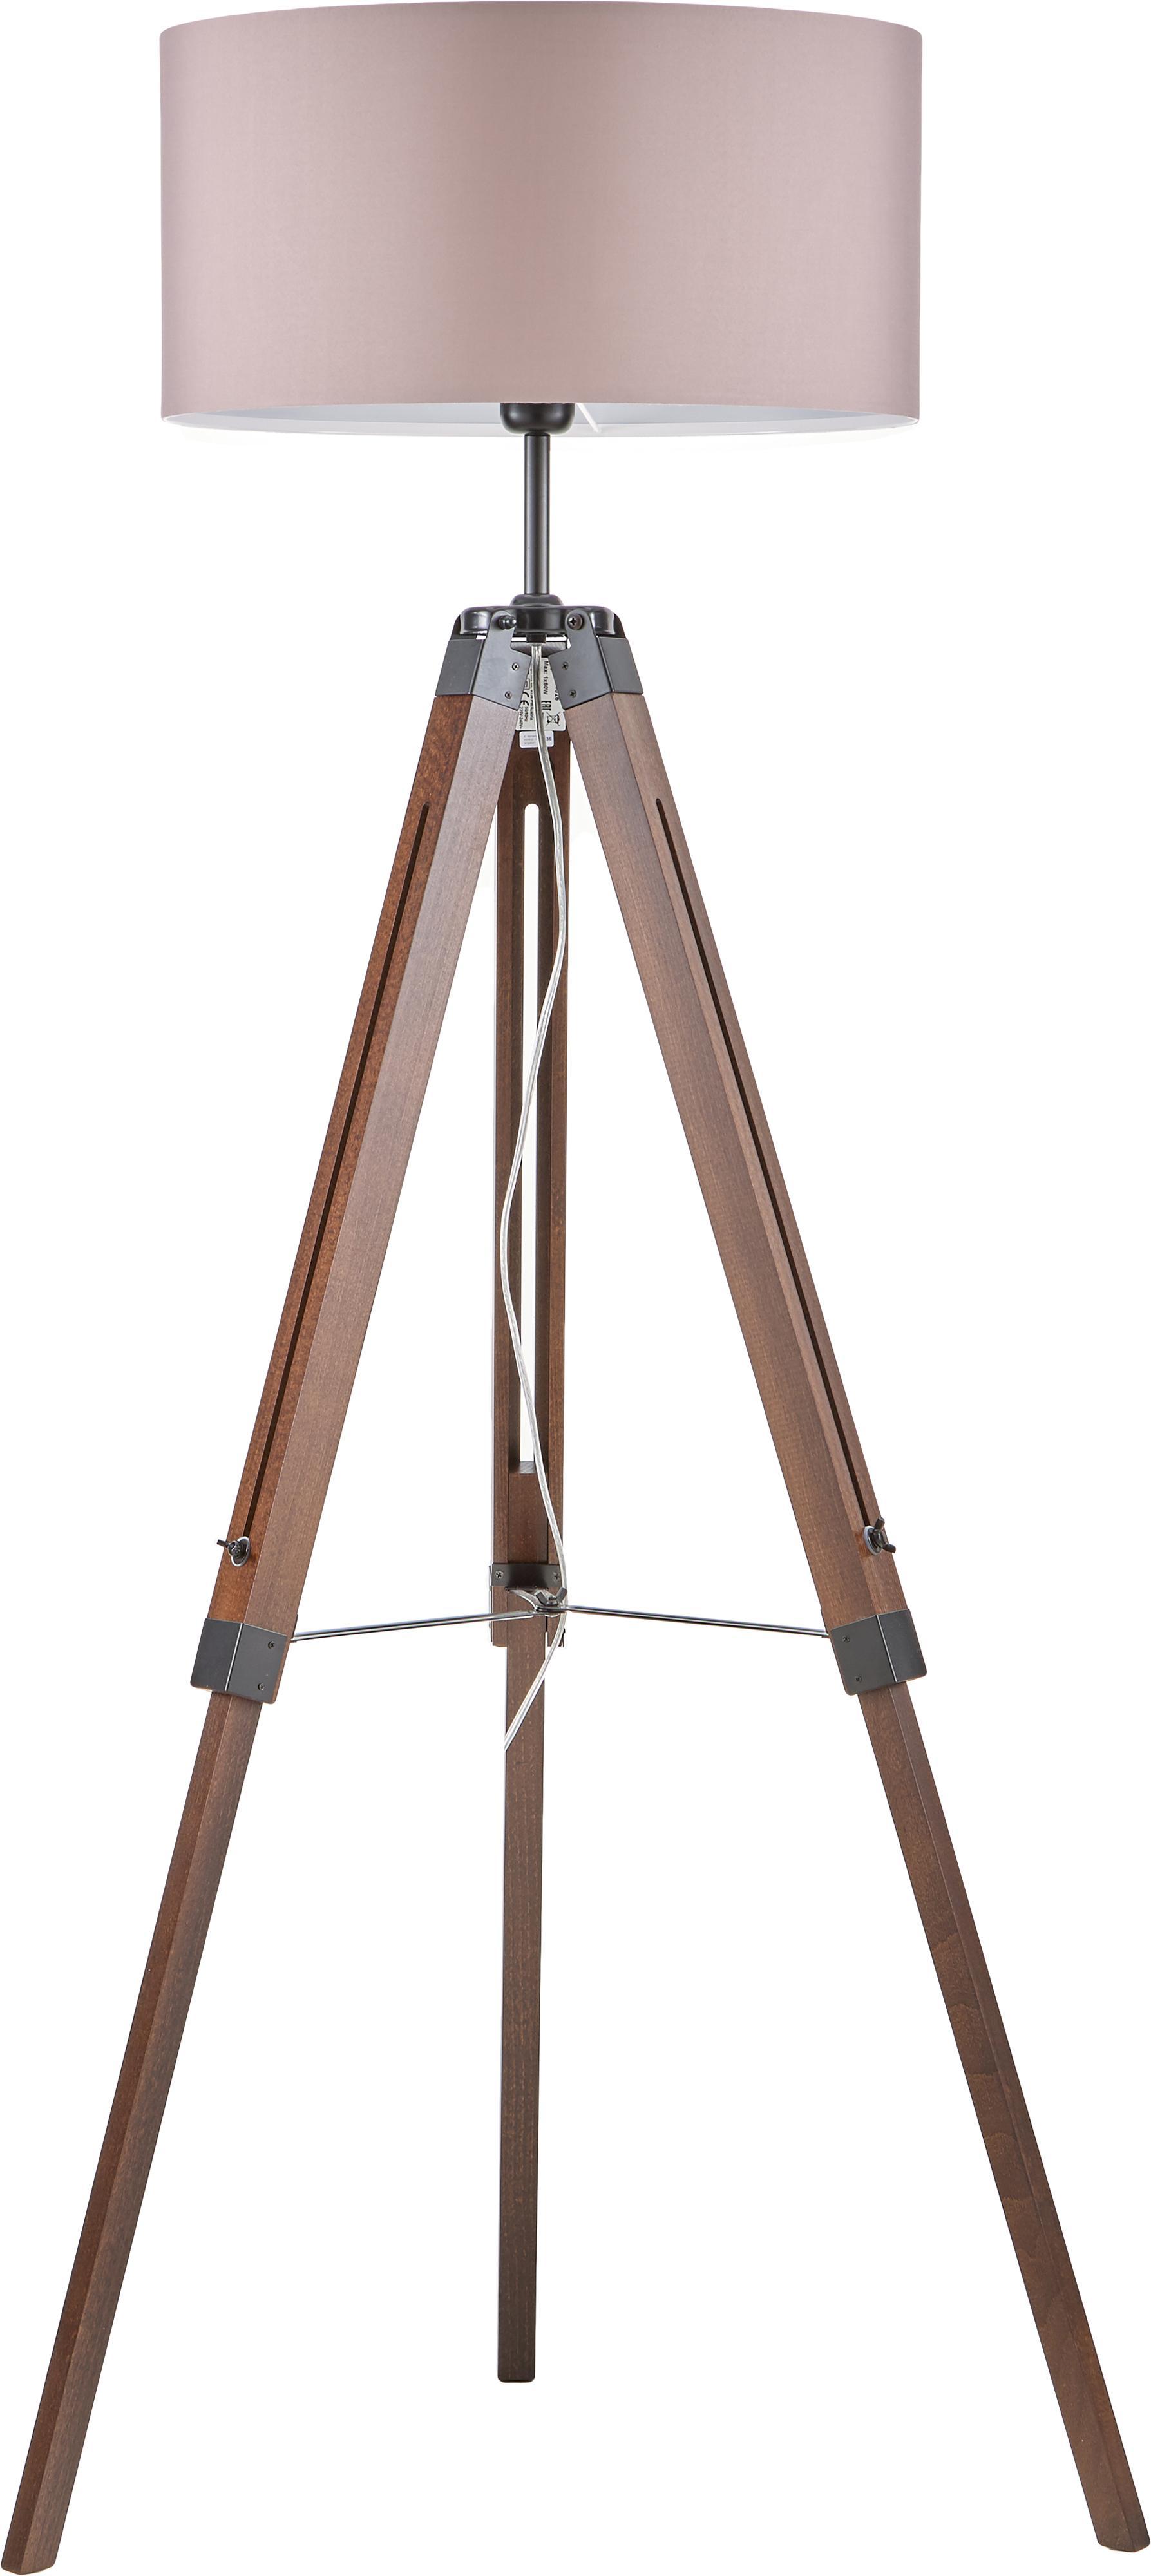 Tripod Stehlampe Josey aus Walnussholz, Lampenschirm: Textil, Lampenfuss: Walnuss, Schwarz<br>Lampenschirm: Taupe, Ø 70 x H 150 cm